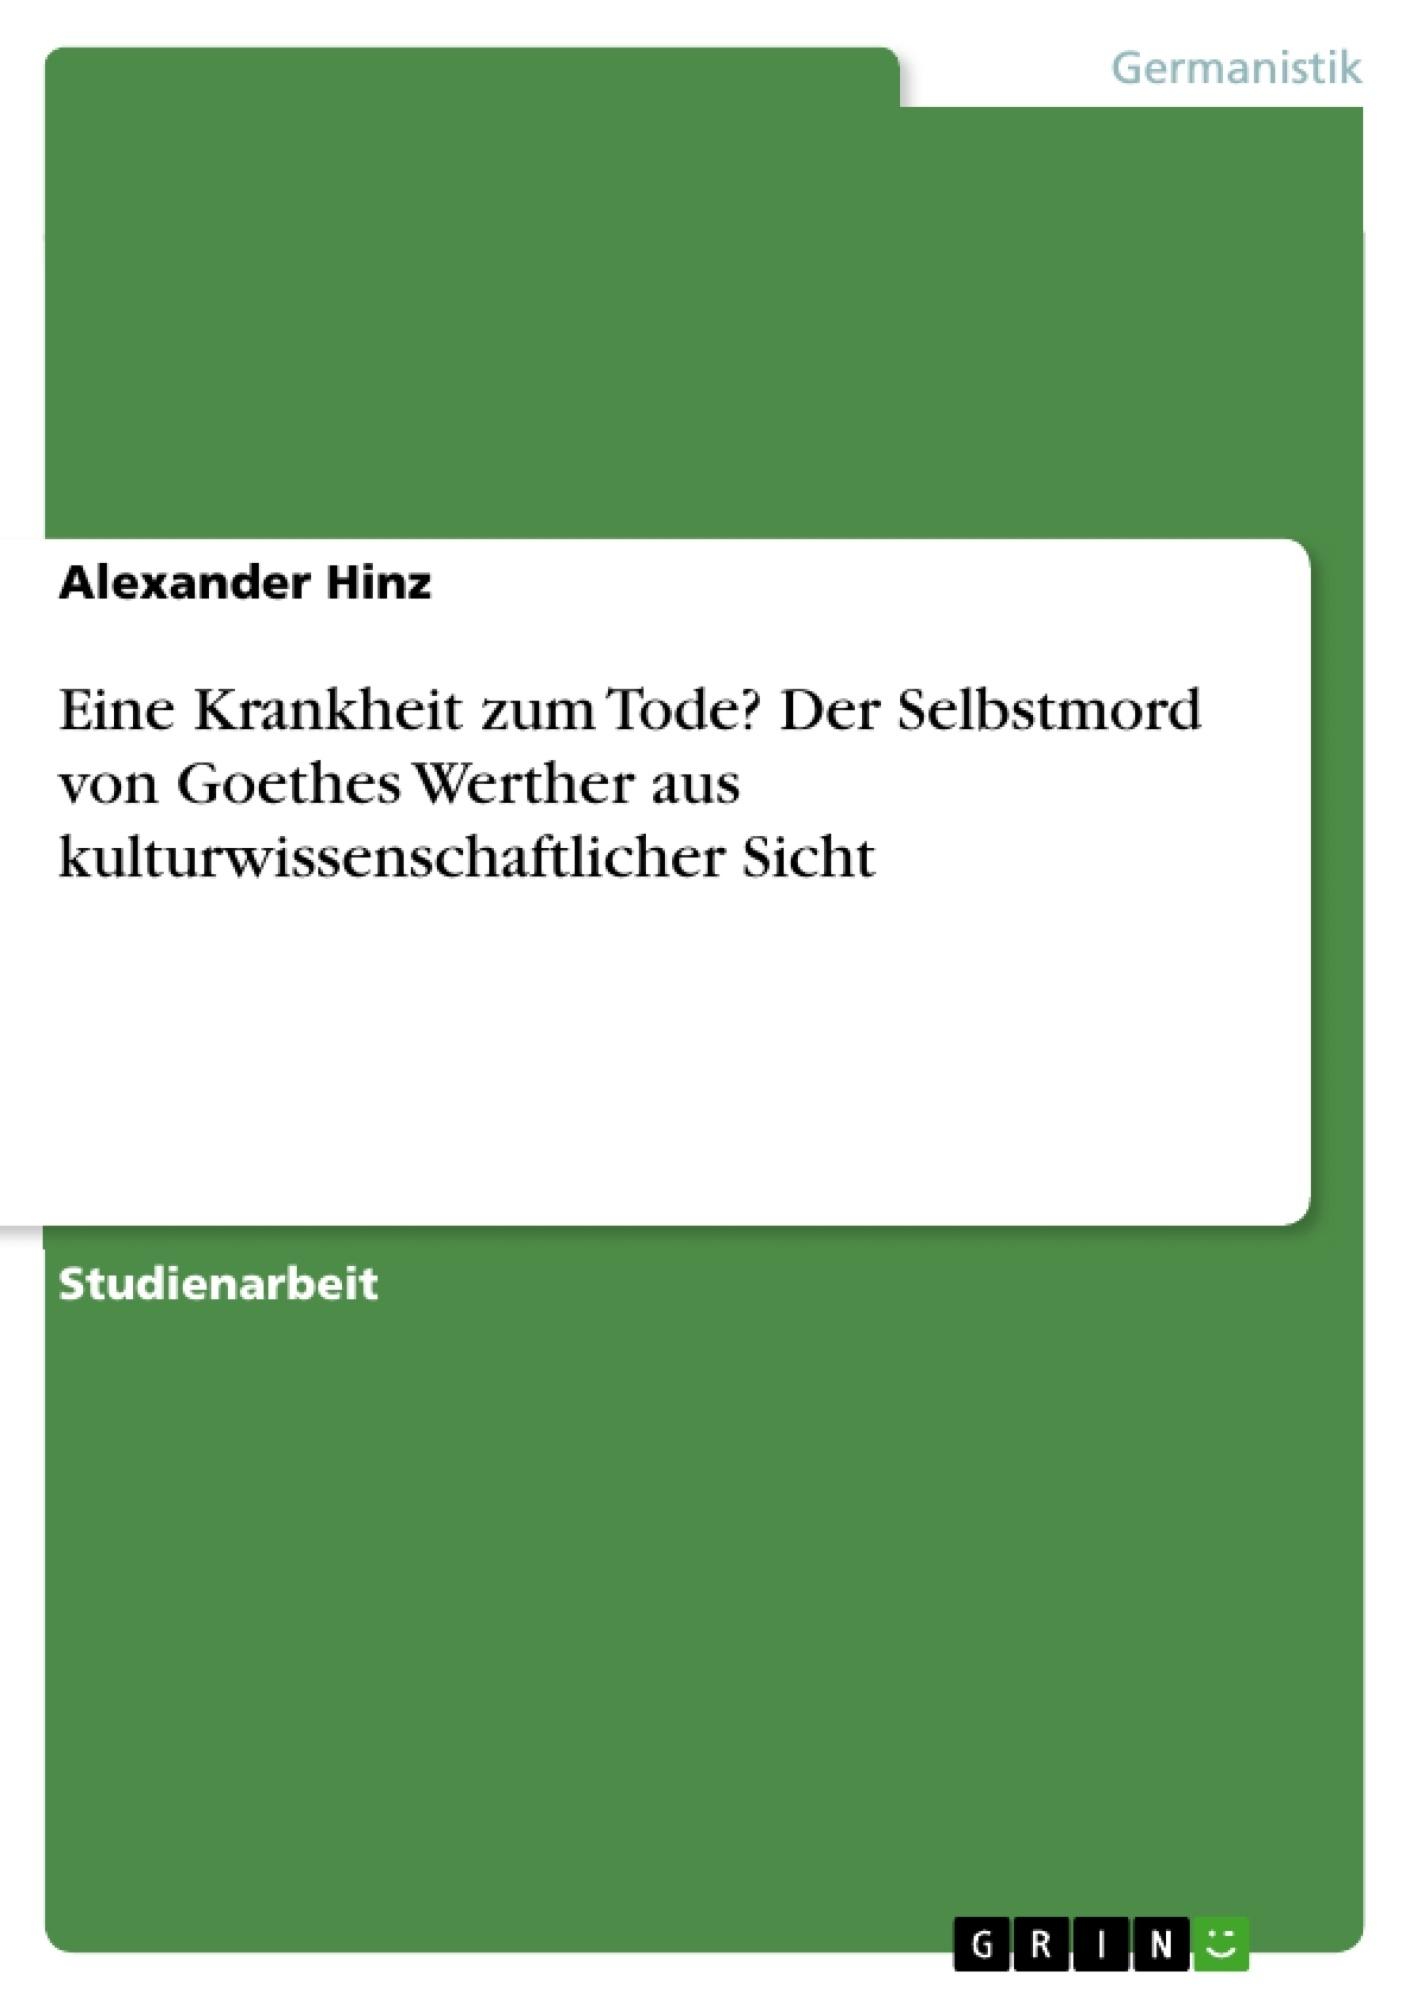 Titel: Eine Krankheit zum Tode? Der Selbstmord von Goethes Werther aus kulturwissenschaftlicher Sicht